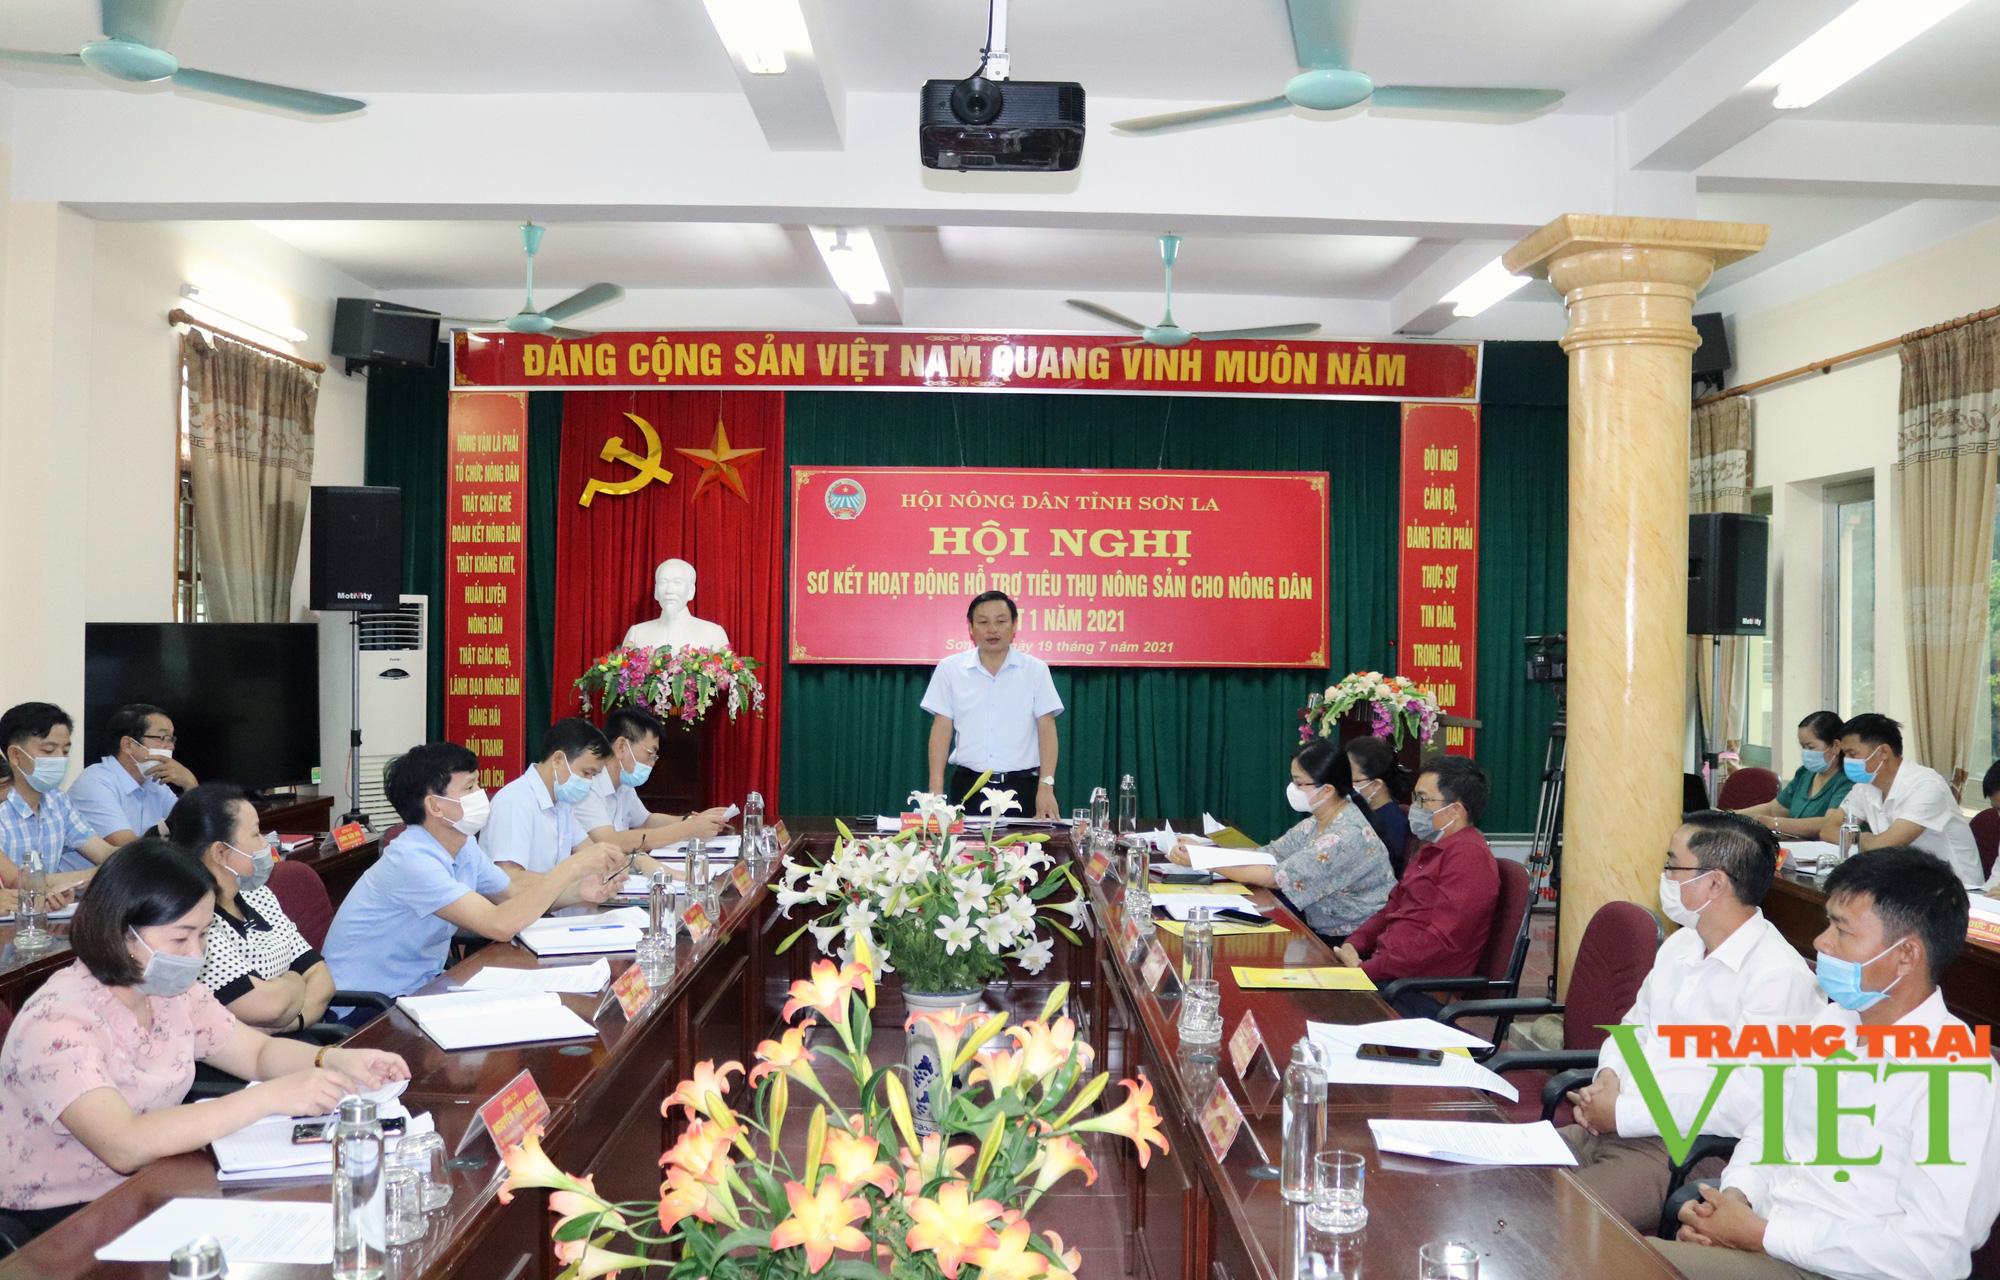 Các cấp Hội Nông dân tỉnh Sơn La hỗ trợ tiêu thụ gần 5.000 tấn nông sản - Ảnh 1.